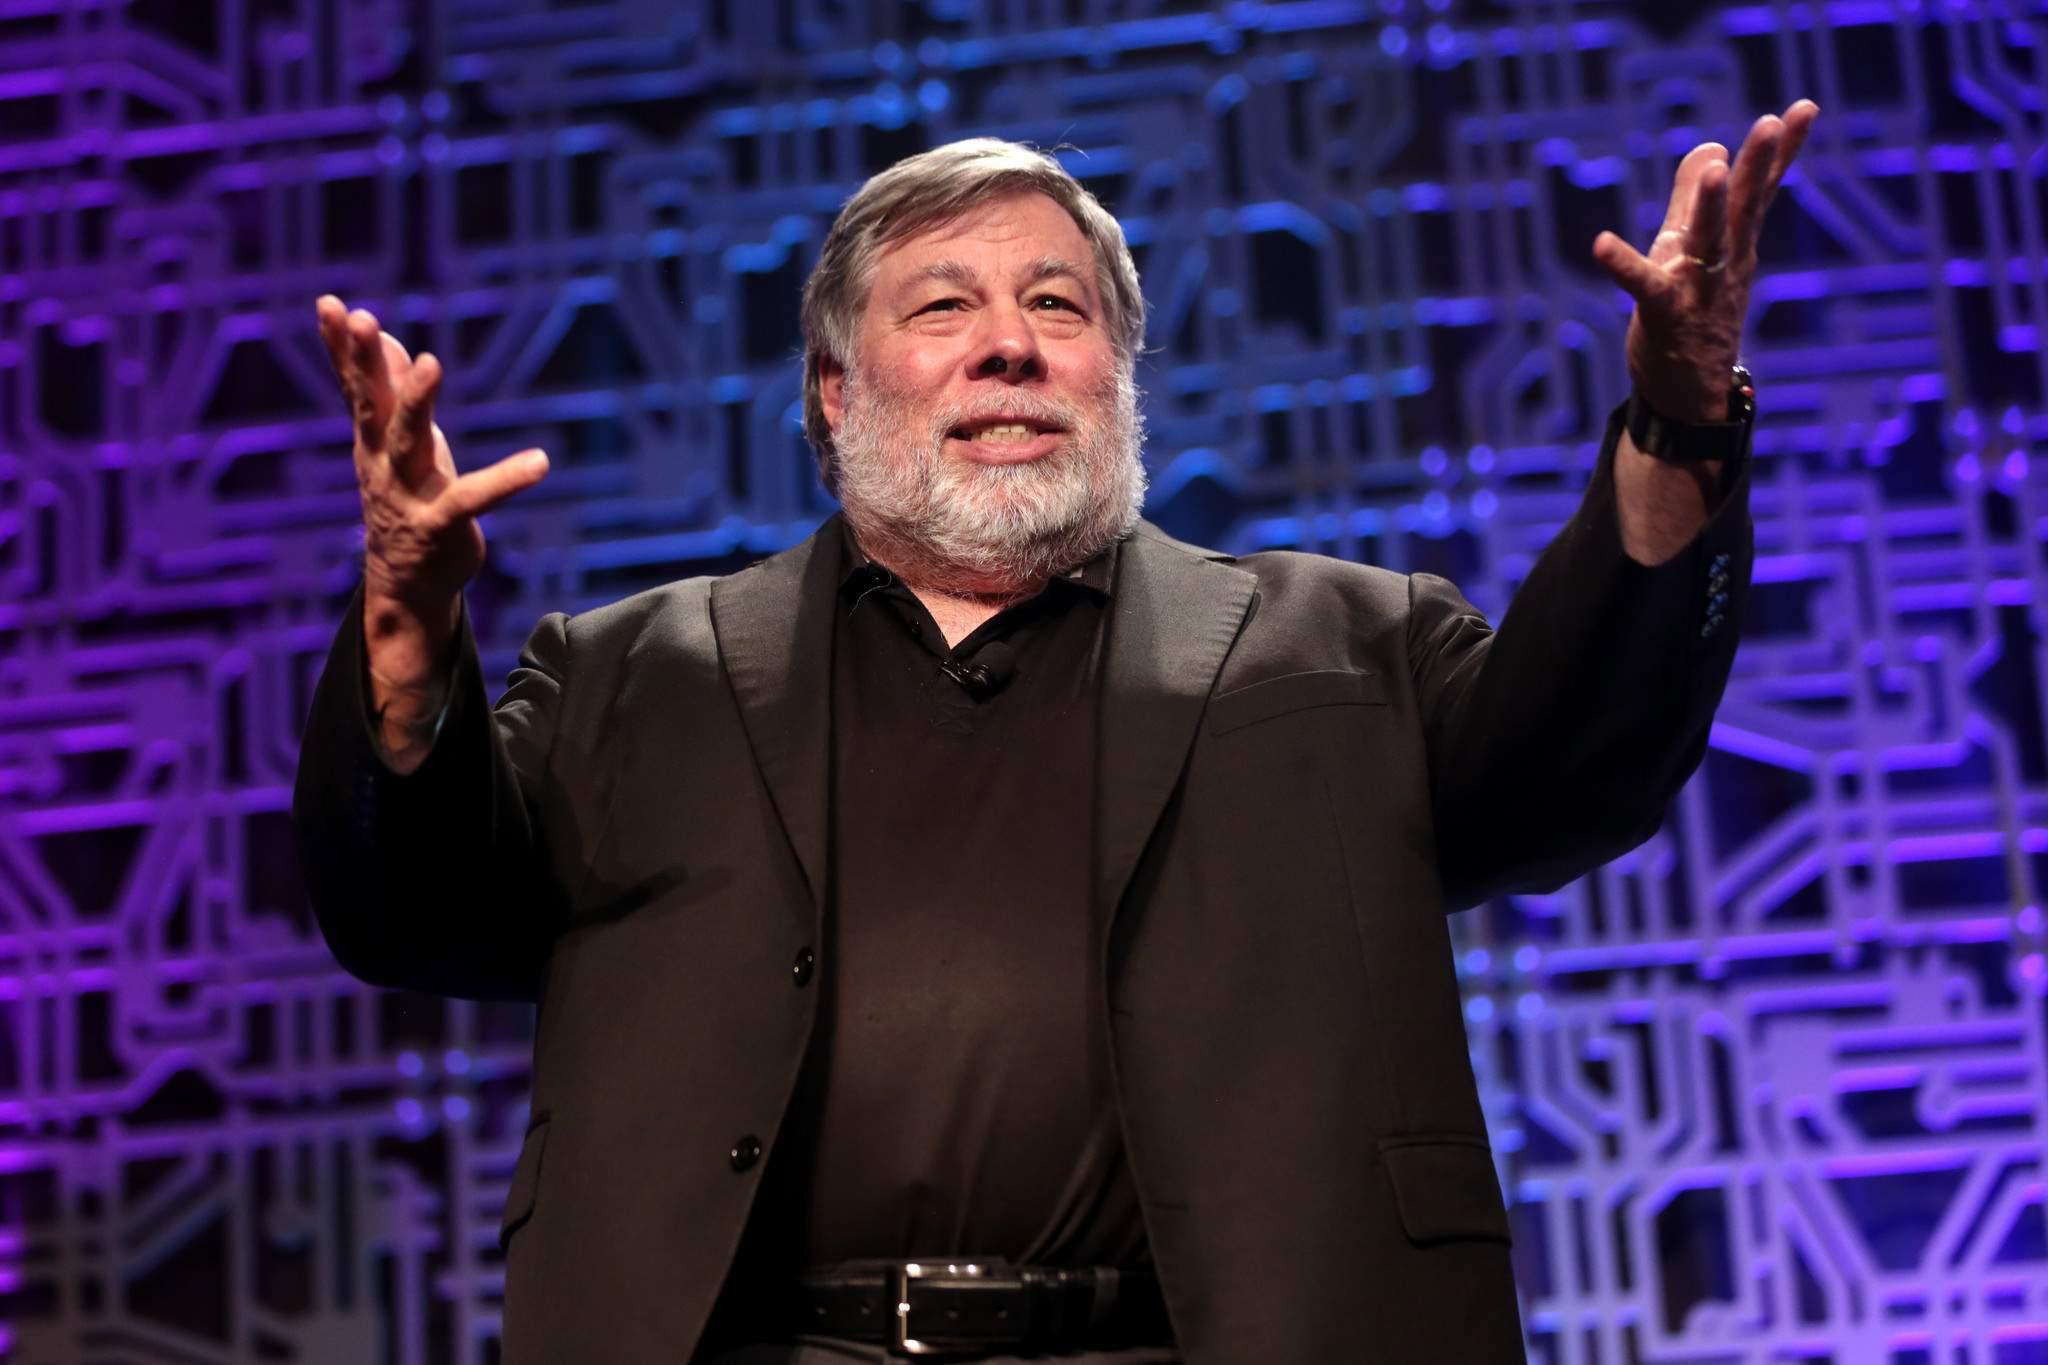 Steve Wozniak em palestra durante conferência de inovação (Foto: Gage Skidmore/Flickr)